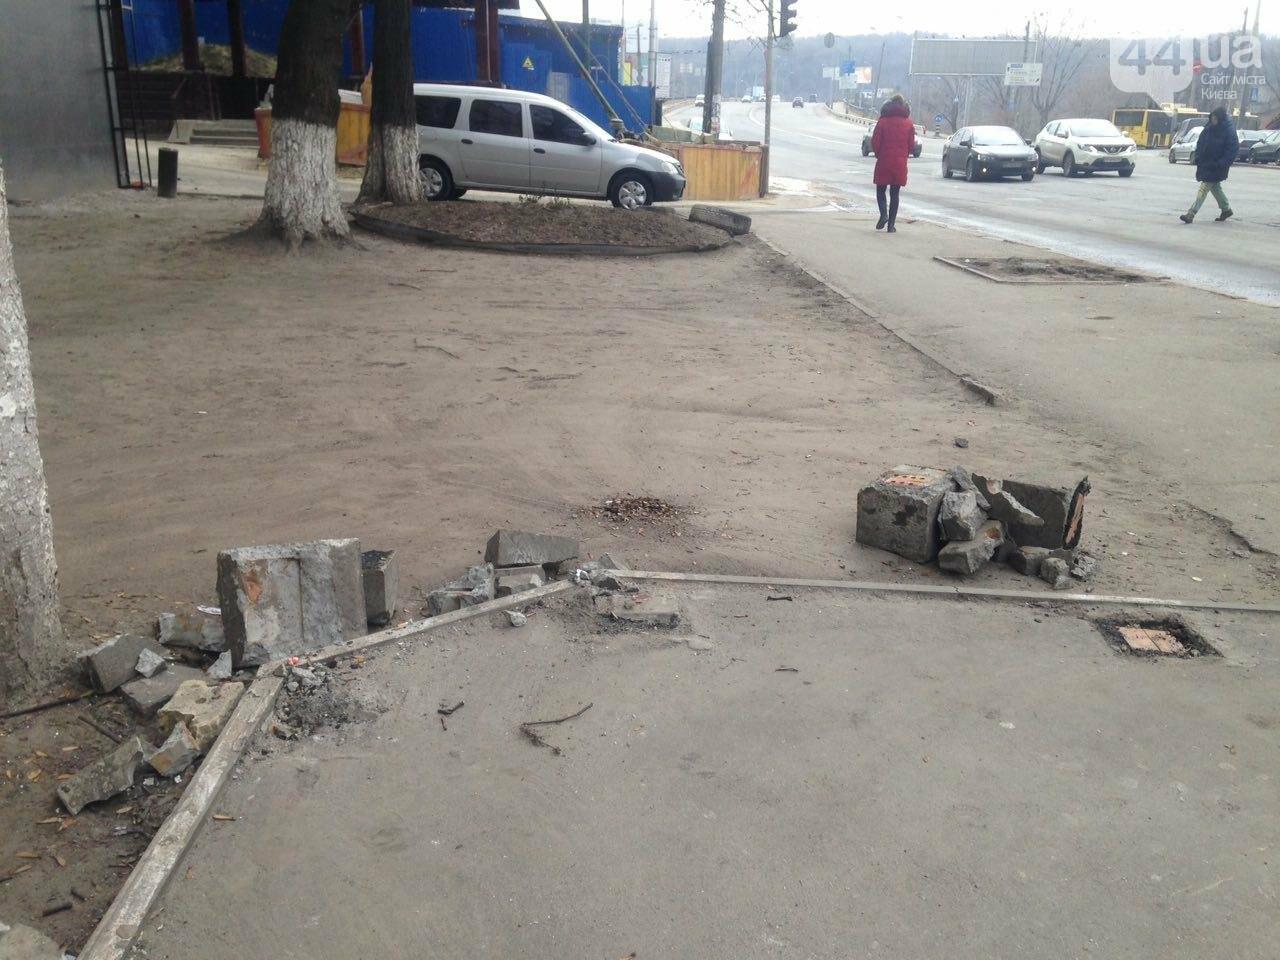 В Киеве вместе с МАФом снесли остановку (ФОТО), фото-3